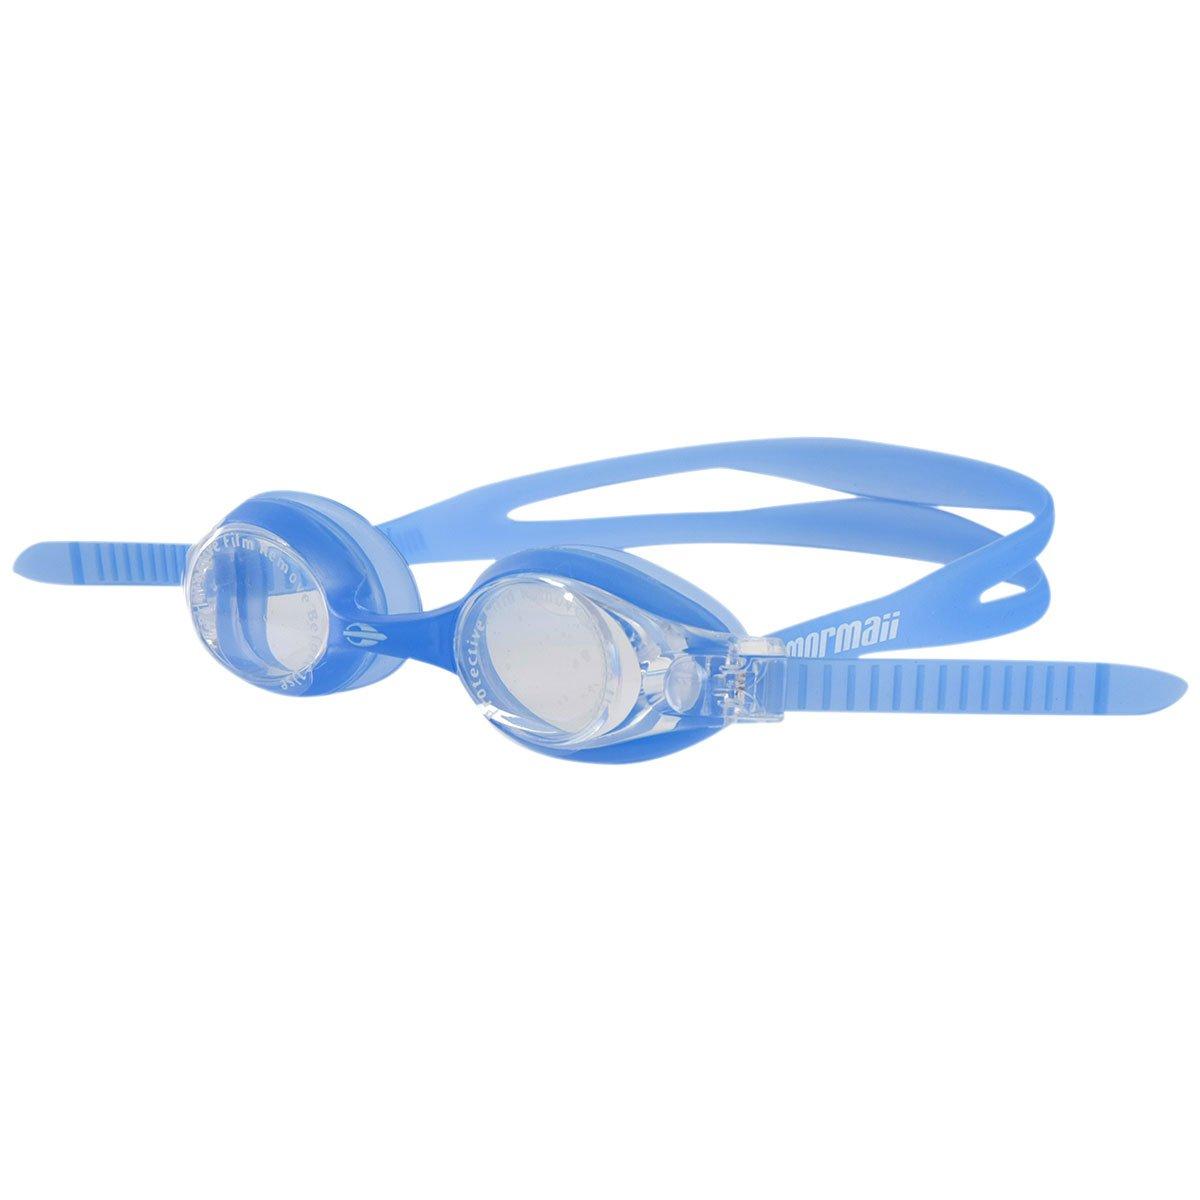 aca76db81fb46 Óculos de Natação Infantil Mormaii Oasis Treino - Compre Agora ...